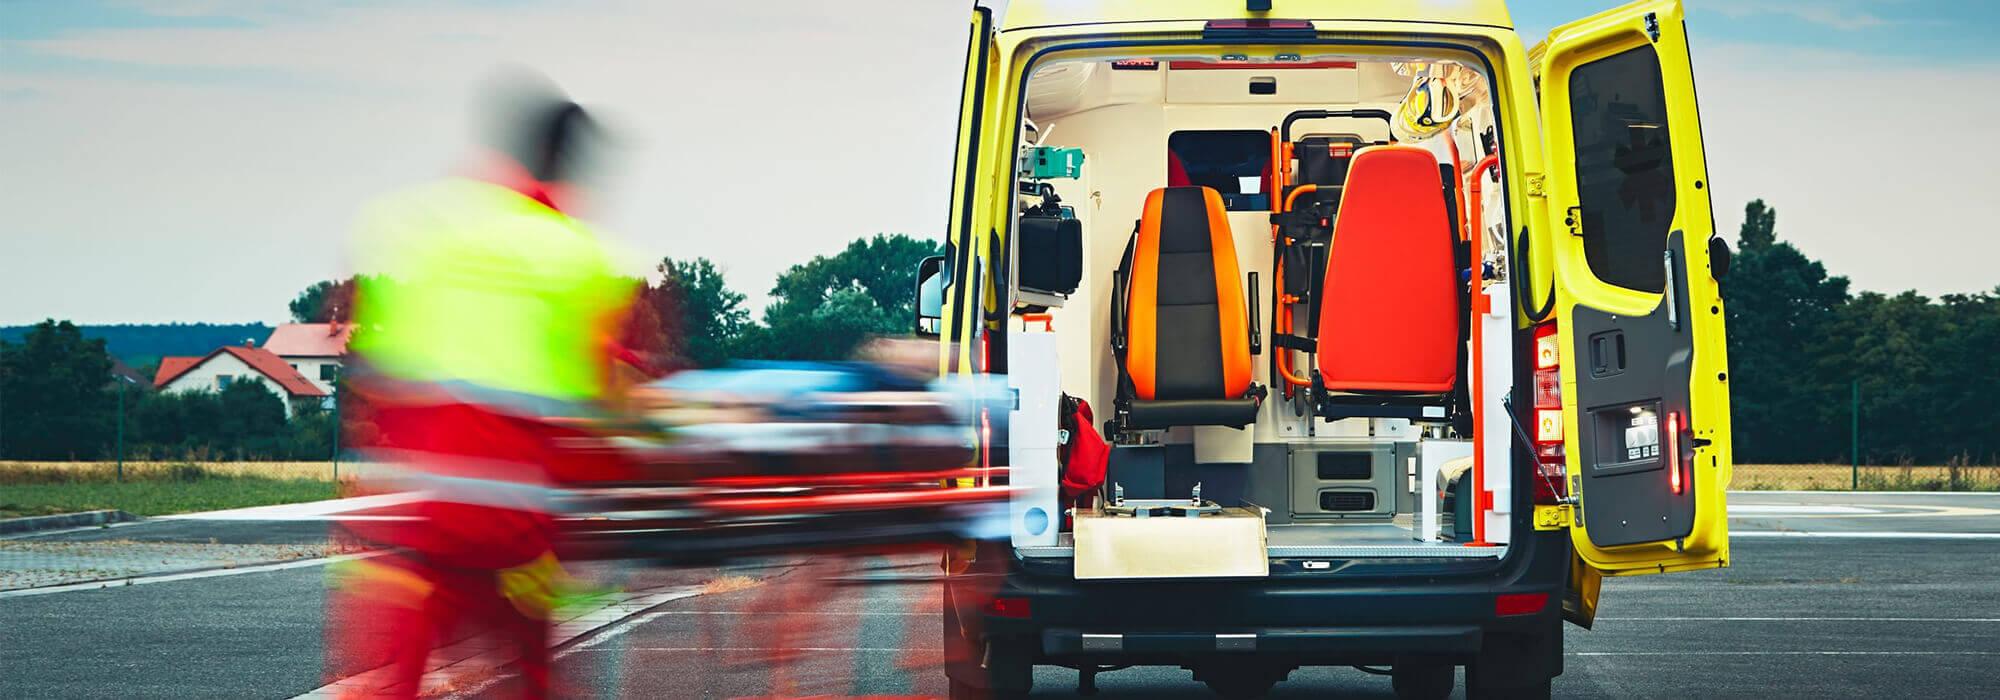 Ambulance avec un patient sur un brancart